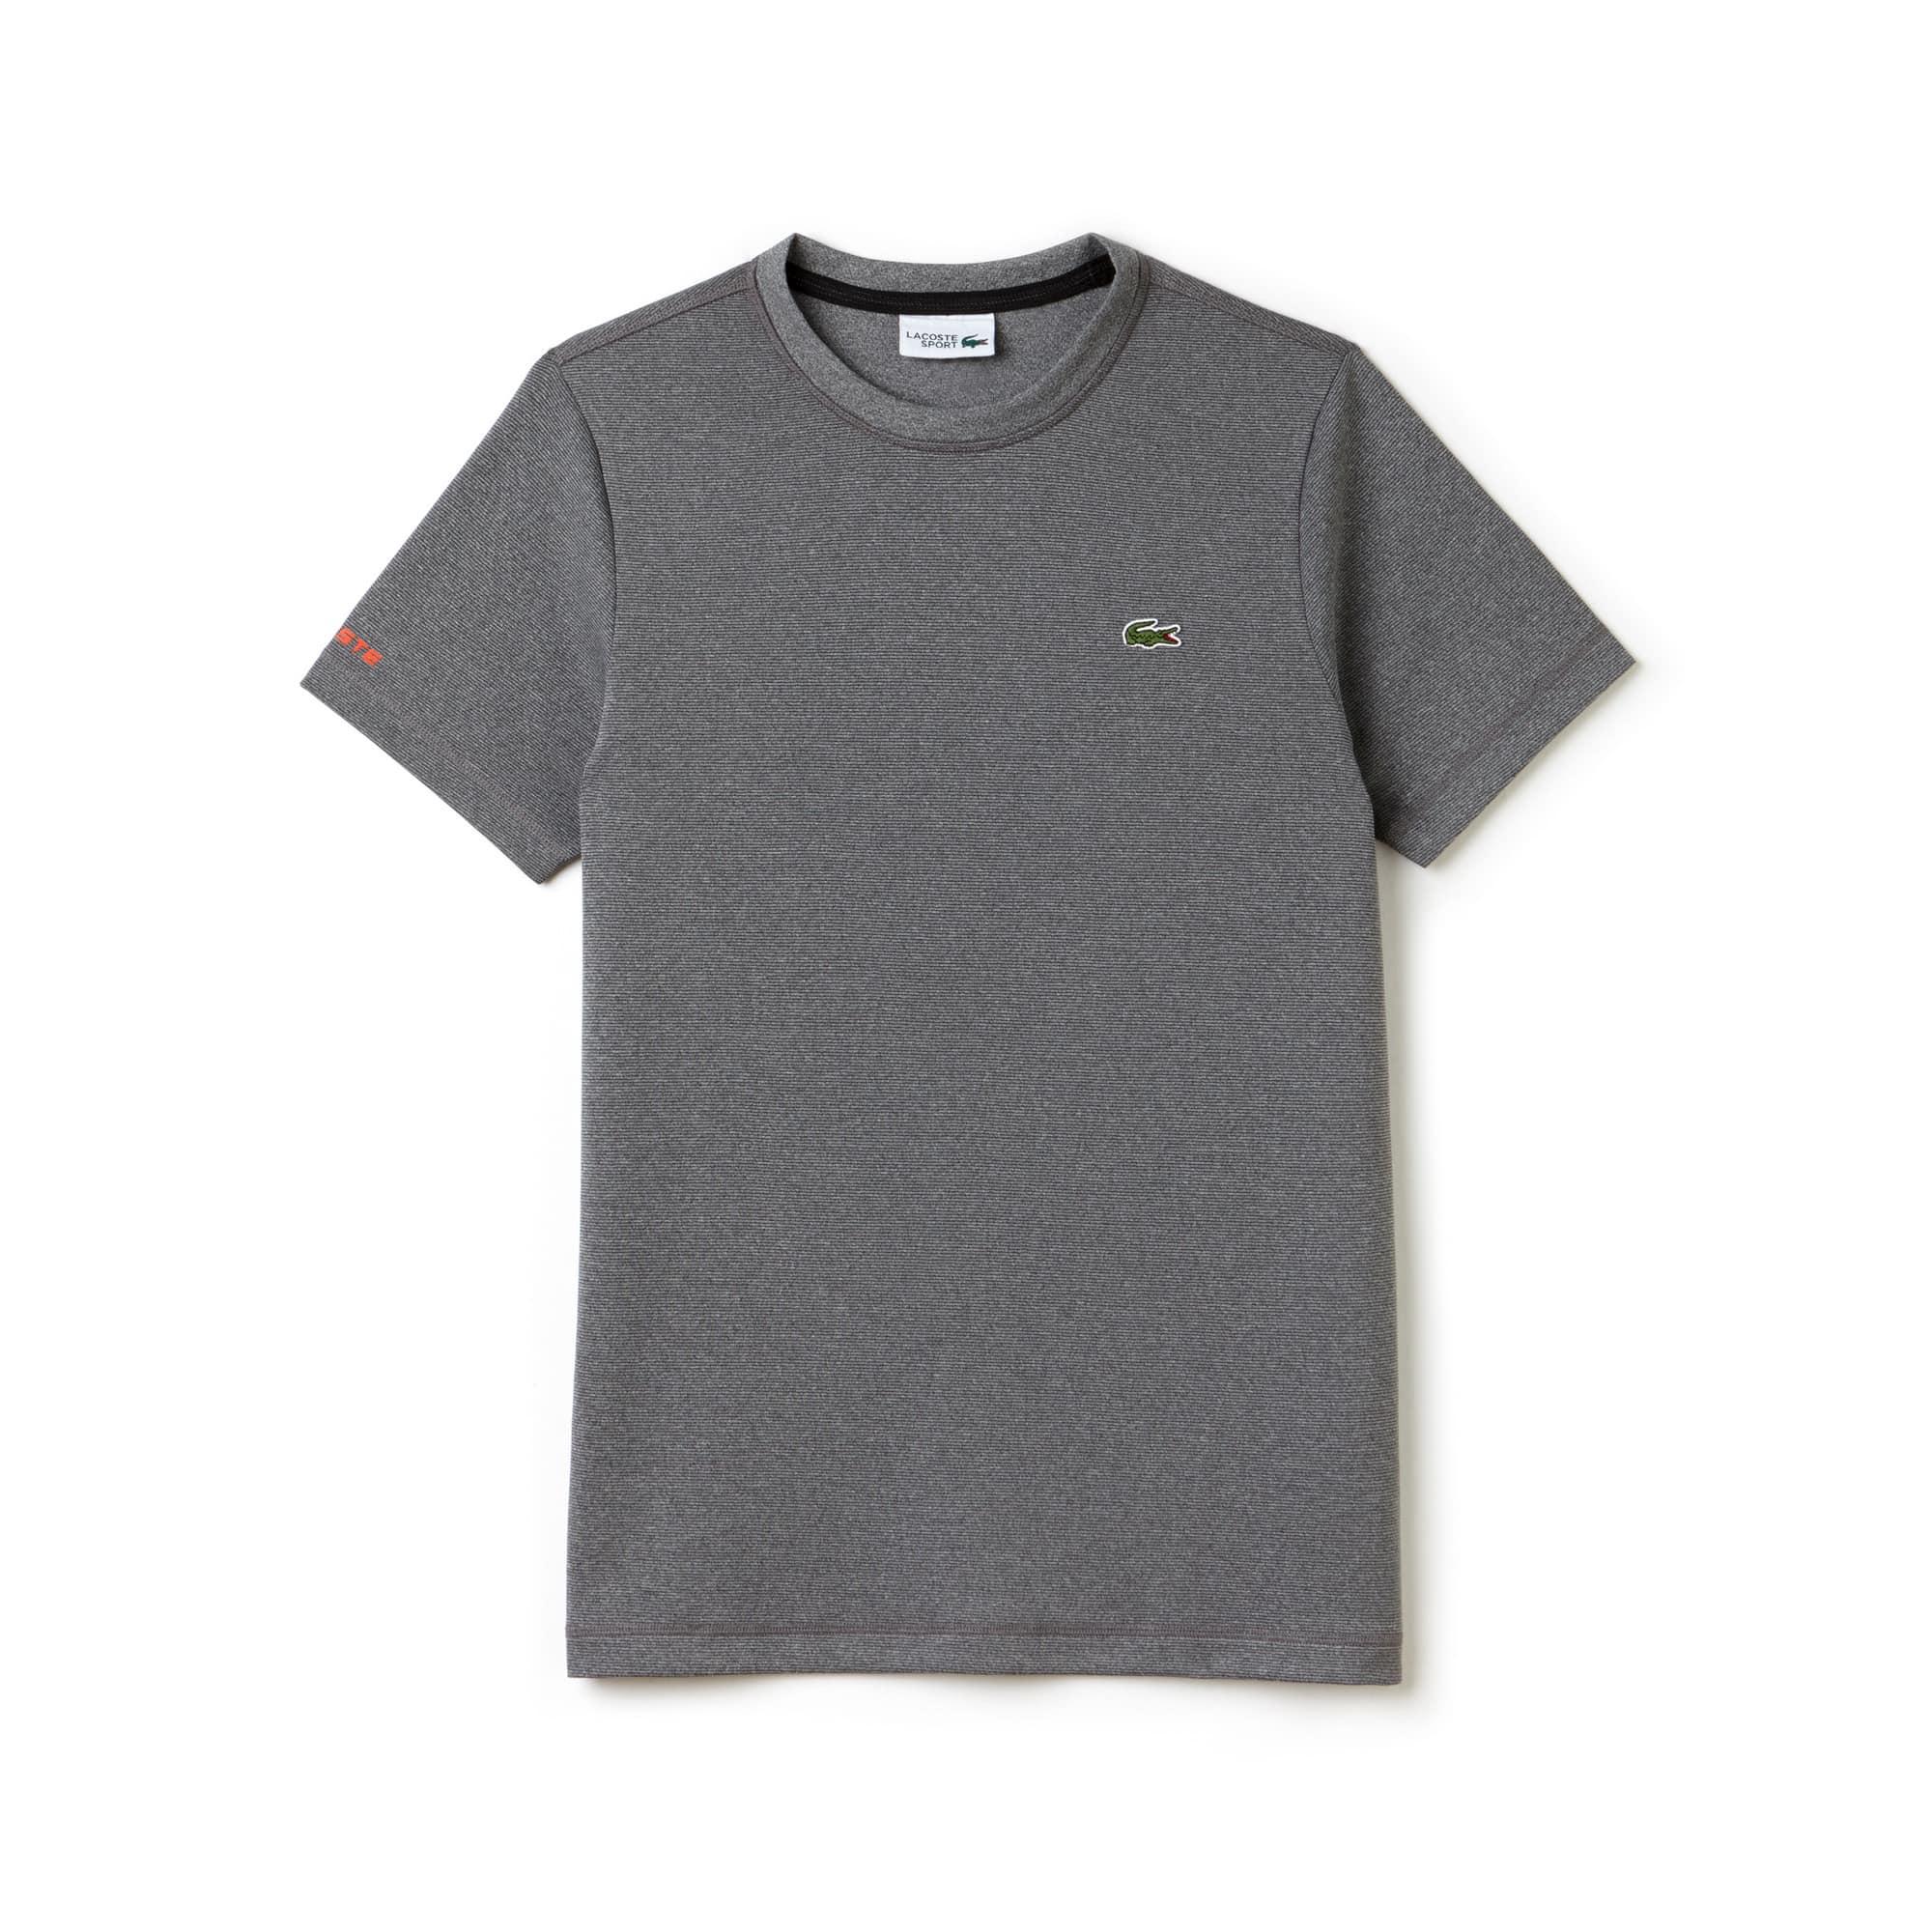 라코스테 스포츠 반팔 티셔츠 Lacoste Mens SPORT Tennis Micro-Striped Jersey T-shirt,SILVER CHINE/BLACK-MEXICO